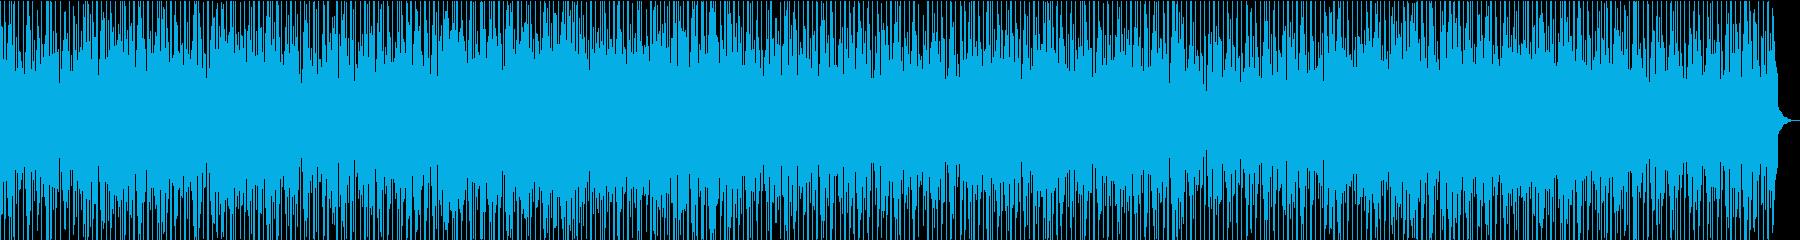 陽気で弾むような楽しいインストゥル...の再生済みの波形